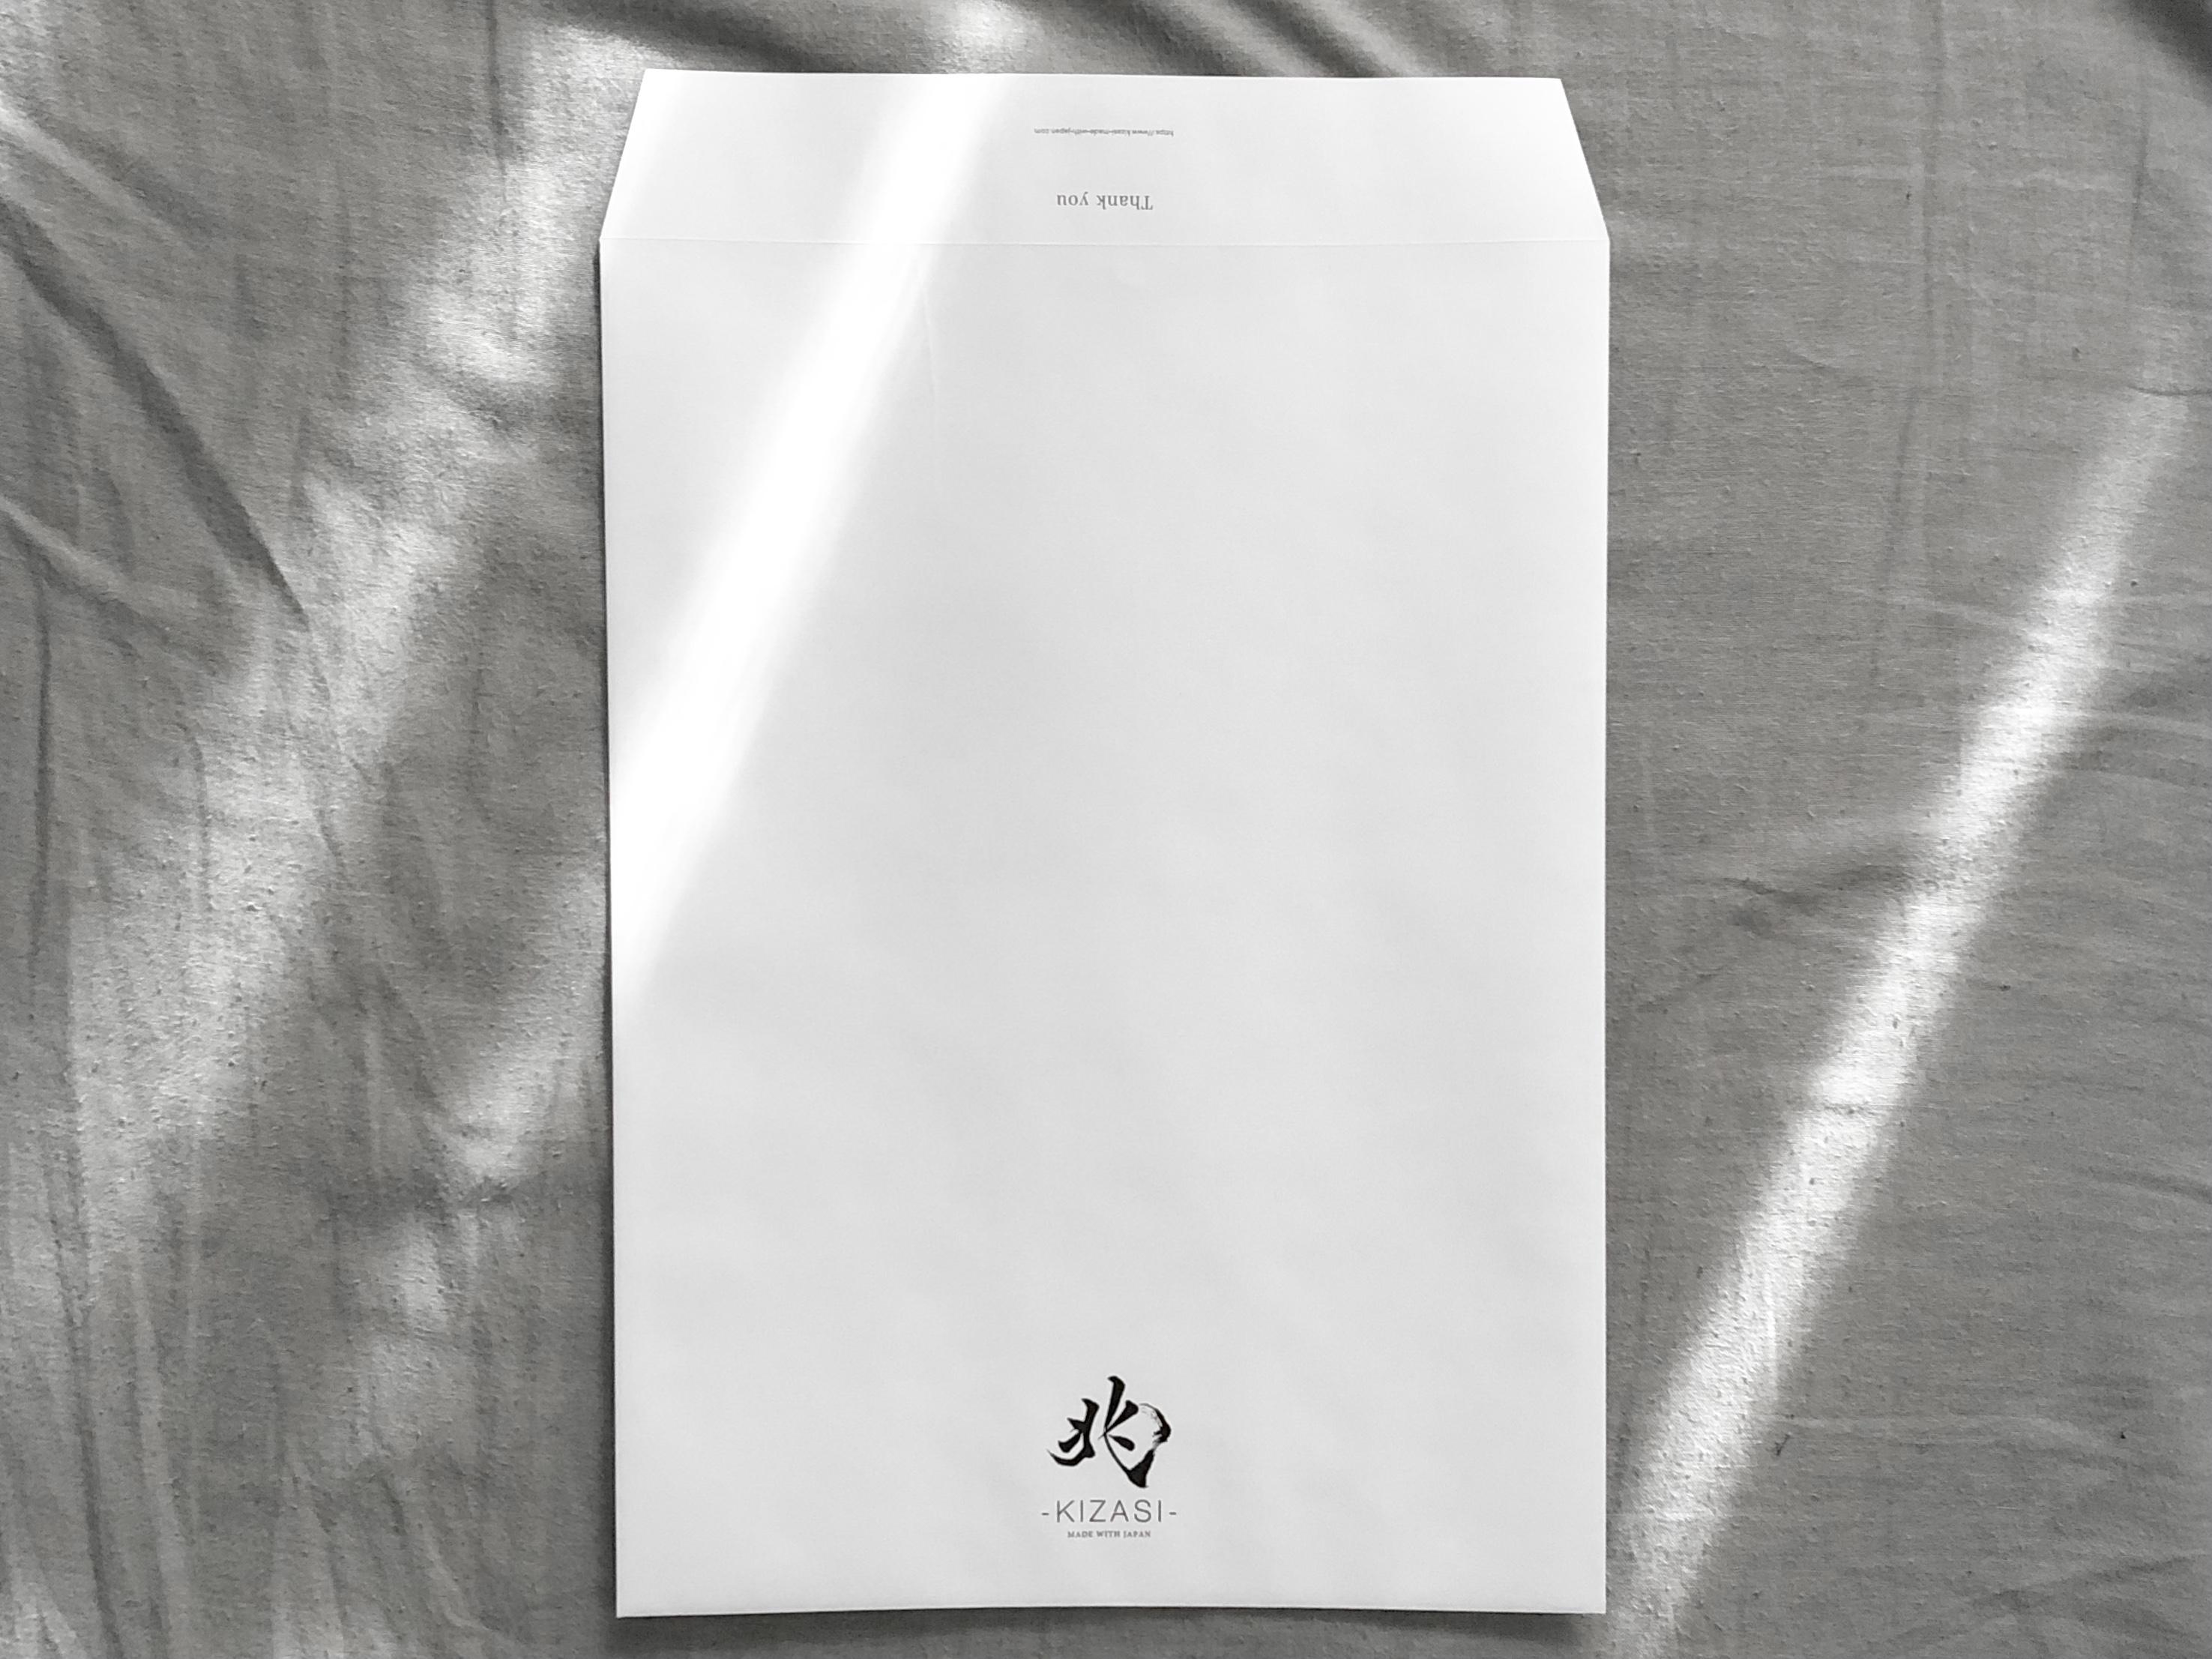 定形外郵便 送料改定のお知らせ